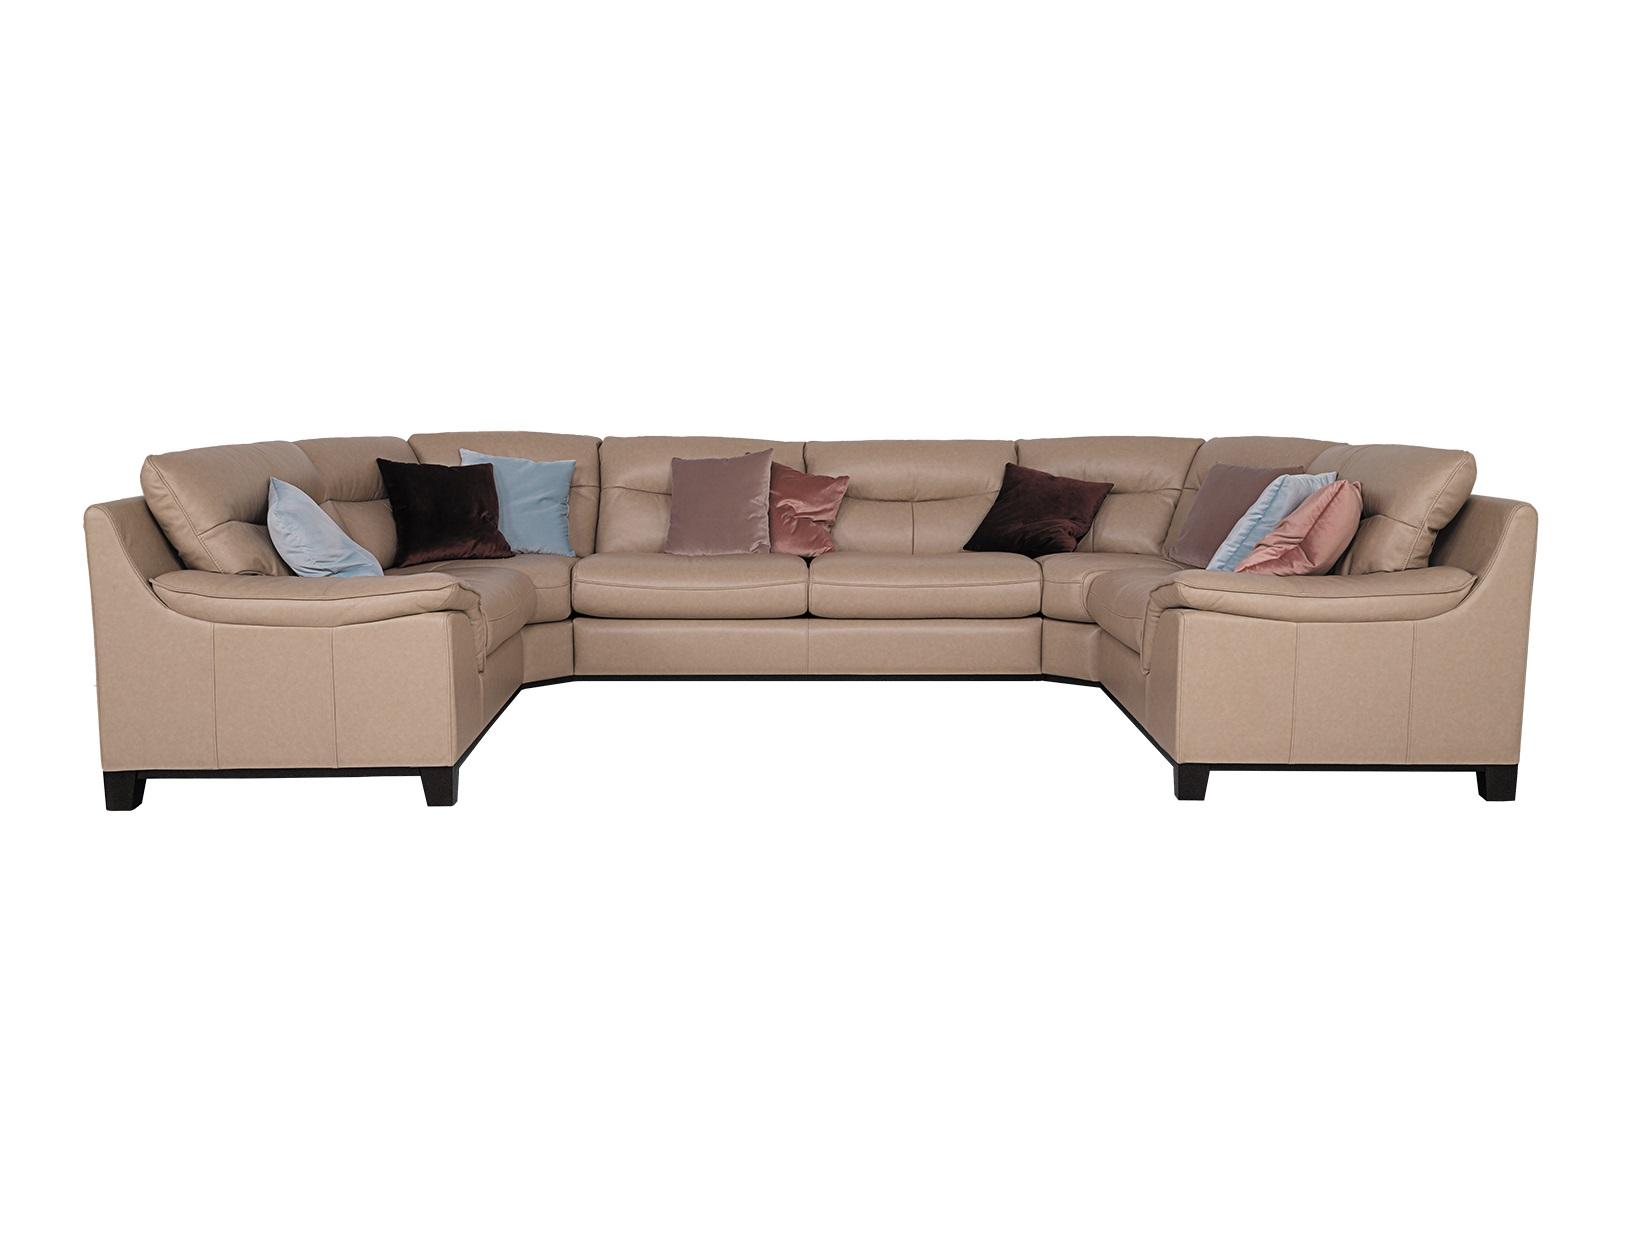 Диван-кровать Сан-РемоУгловые раскладные диваны<br>«Сан-Ремо» обладает легким и беззаботным характером, теплым южным темпераментом и неповторимым очарованием. Обтекаемые формы дивана таят в себе невероятную мягкость и воздушность. Неслучайно огромные пушистые облака вдохновили дизайнеров на создание этой модели. «Сан-Ремо» очаровывает и вдохновляет, дарит спокойствие и безмятежность.&amp;lt;div&amp;gt;Подушки в комплект не входят&amp;lt;br&amp;gt;&amp;lt;div&amp;gt;&amp;lt;br&amp;gt;&amp;lt;/div&amp;gt;&amp;lt;div&amp;gt;Механизм трансформации миксотойл.&amp;lt;/div&amp;gt;&amp;lt;div&amp;gt;Спальное место 182*133 см.&amp;lt;/div&amp;gt;&amp;lt;div&amp;gt;Натуральная кожа, 100% кожа Antico polbos.&amp;amp;nbsp;&amp;lt;/div&amp;gt;&amp;lt;div&amp;gt;&amp;lt;br&amp;gt;&amp;lt;/div&amp;gt;&amp;lt;div&amp;gt;Состоит из 5х частей.&amp;amp;nbsp;&amp;lt;/div&amp;gt;&amp;lt;div&amp;gt;Размеры частей :&amp;amp;nbsp;&amp;lt;/div&amp;gt;&amp;lt;div&amp;gt;160*95*95, 115*95*85, 115*95*85,140*95*85, 140*95*85(ширина*глубина*высота)&amp;lt;/div&amp;gt;&amp;lt;/div&amp;gt;<br><br>Material: Кожа<br>Width см: 212<br>Depth см: 90<br>Height см: 95